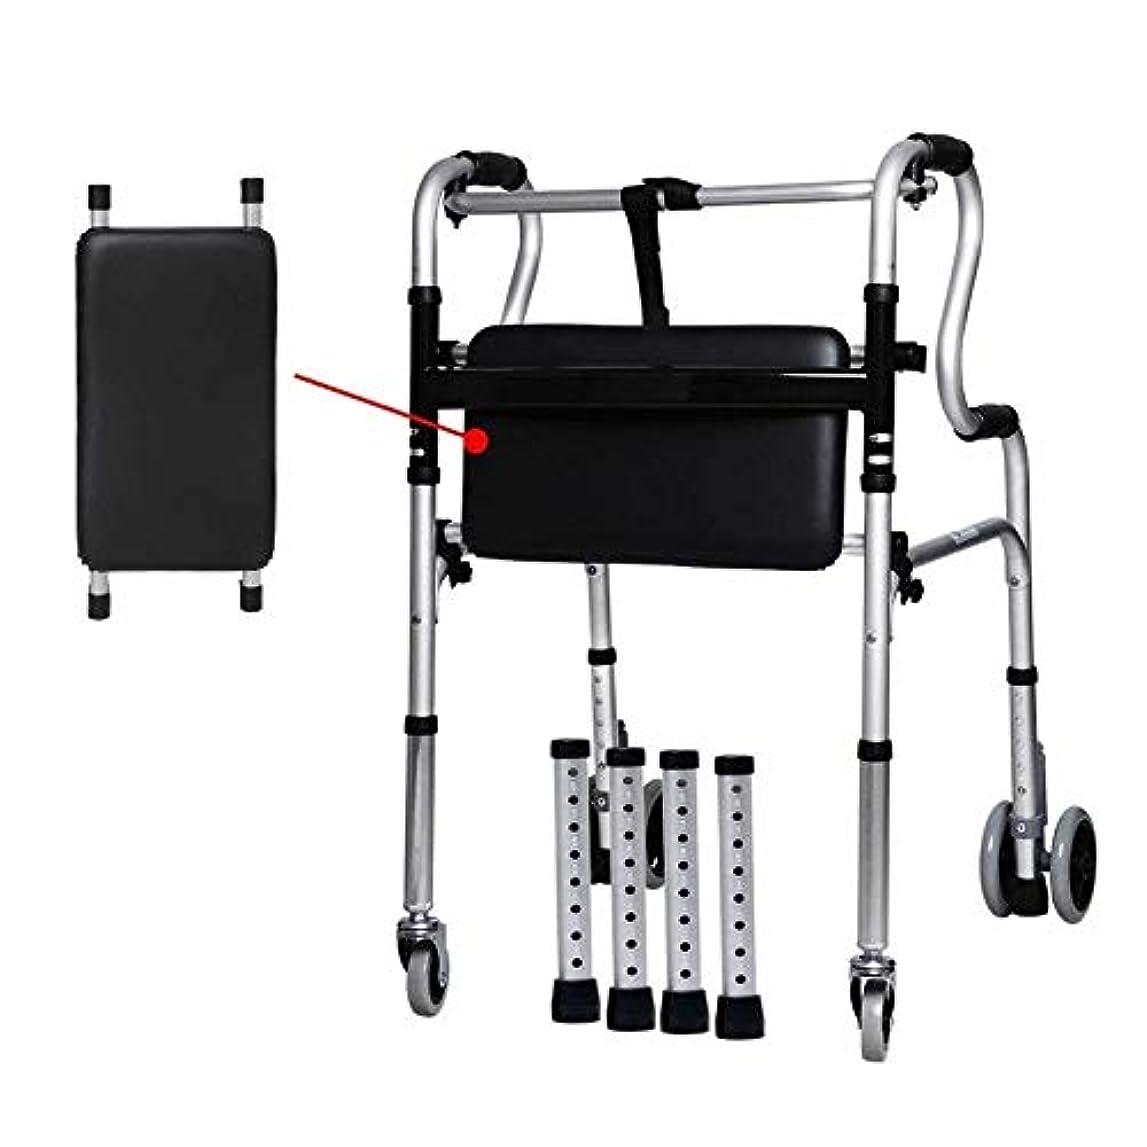 パース落ち着かないクスコ車輪が付いている折る歩行者、不具の高齢者のためのロックできるブレーキが付いている軽いアルミ合金4輪歩行者